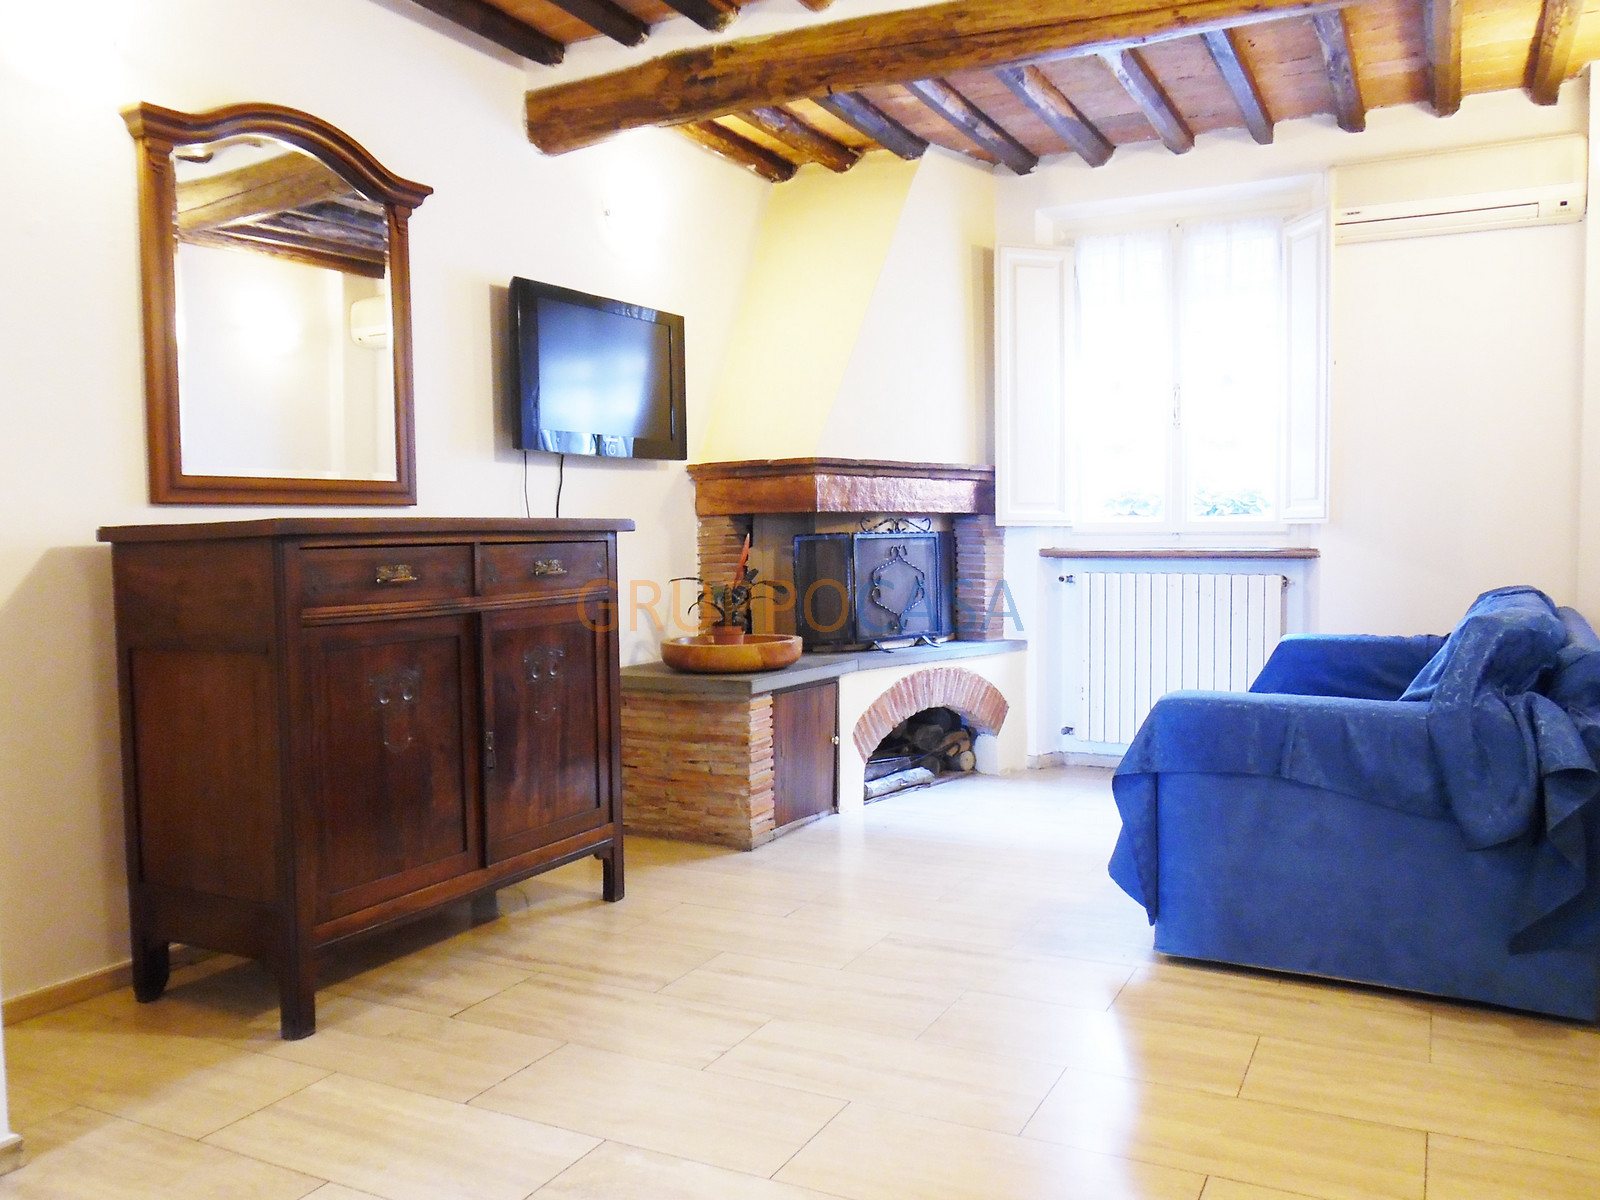 Soluzione Indipendente in affitto a Altopascio, 4 locali, zona Località: Centro, prezzo € 500 | Cambio Casa.it